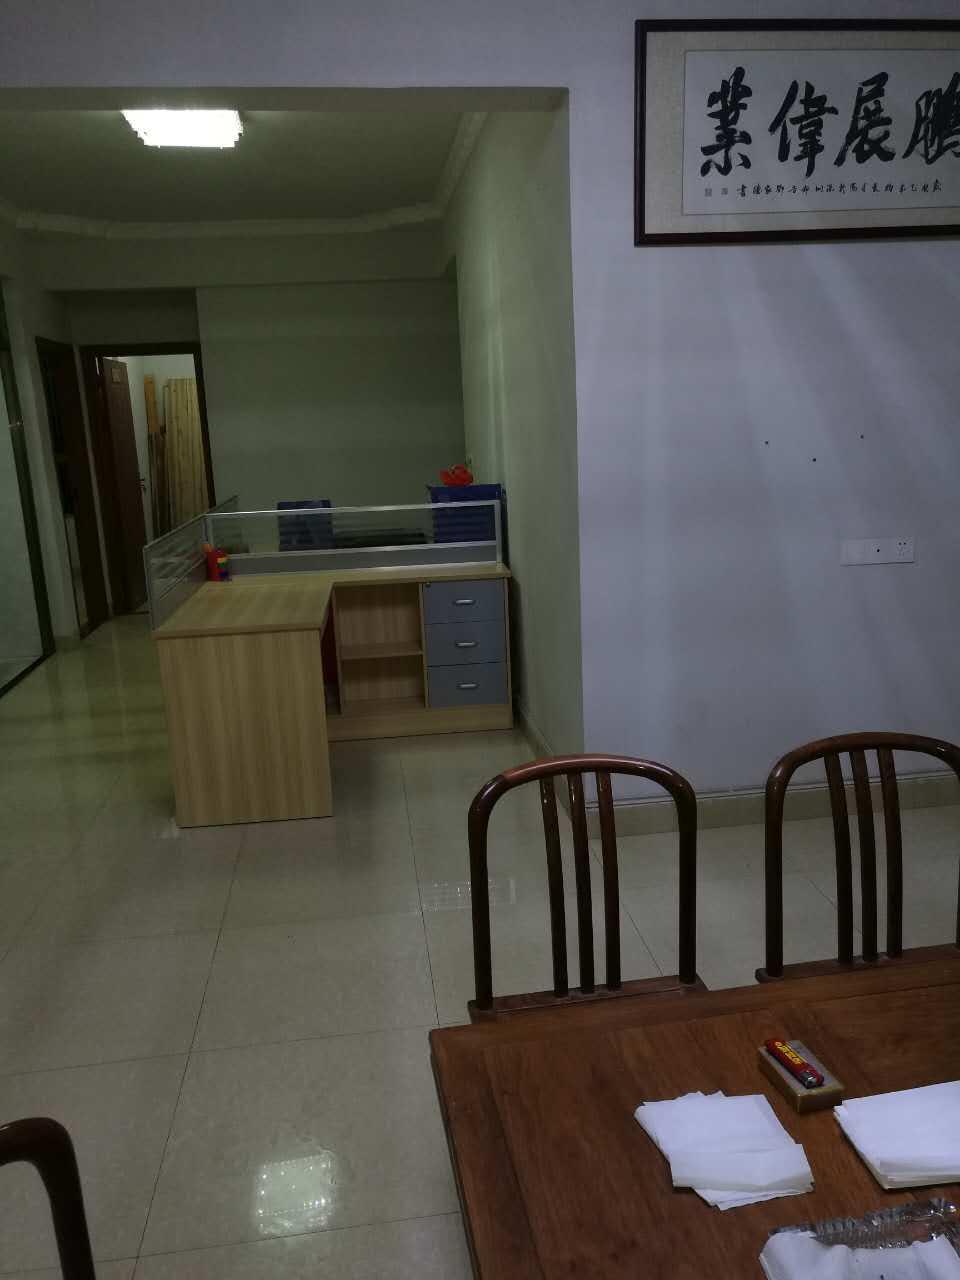 深圳公明楼村小产权三房110平米58万,户型方正实用 跳蚤市场 个人房源 深圳 三房二厅 第6张